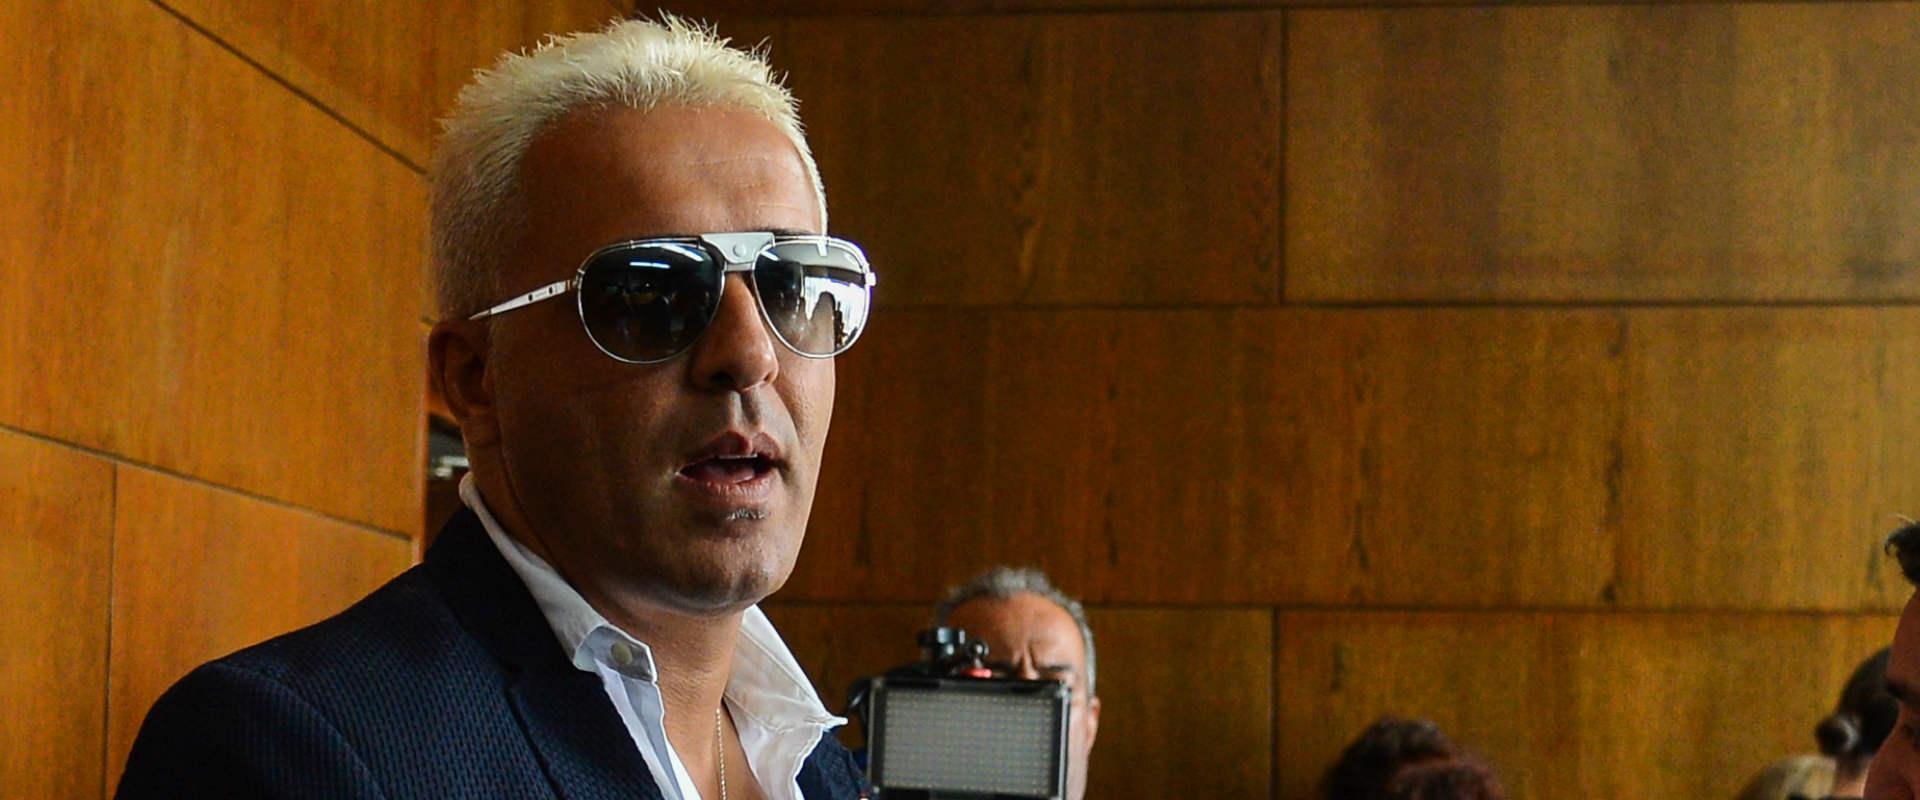 קובי פרץ בבית המשפט במארס 2016